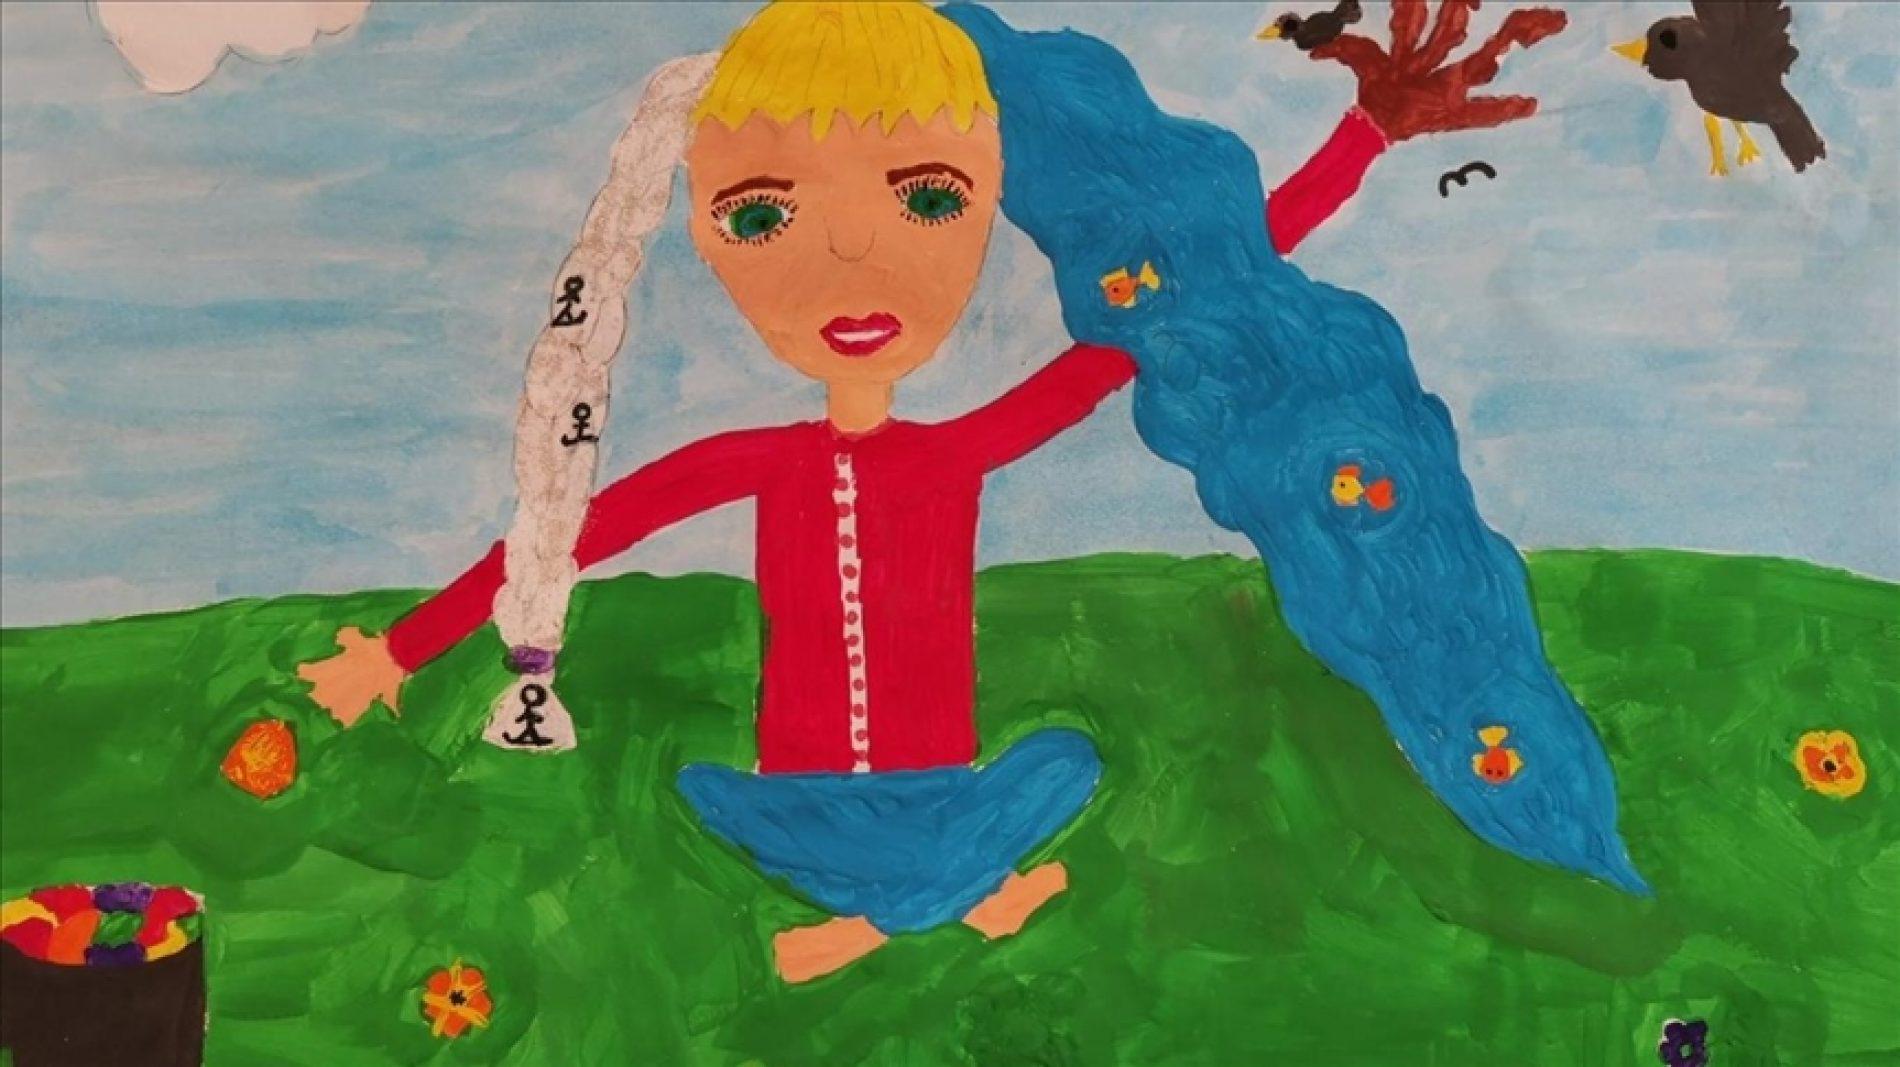 Crtež iz Sarajeva najbolji na Festivalu djece i mladih u Južnoj Koreji